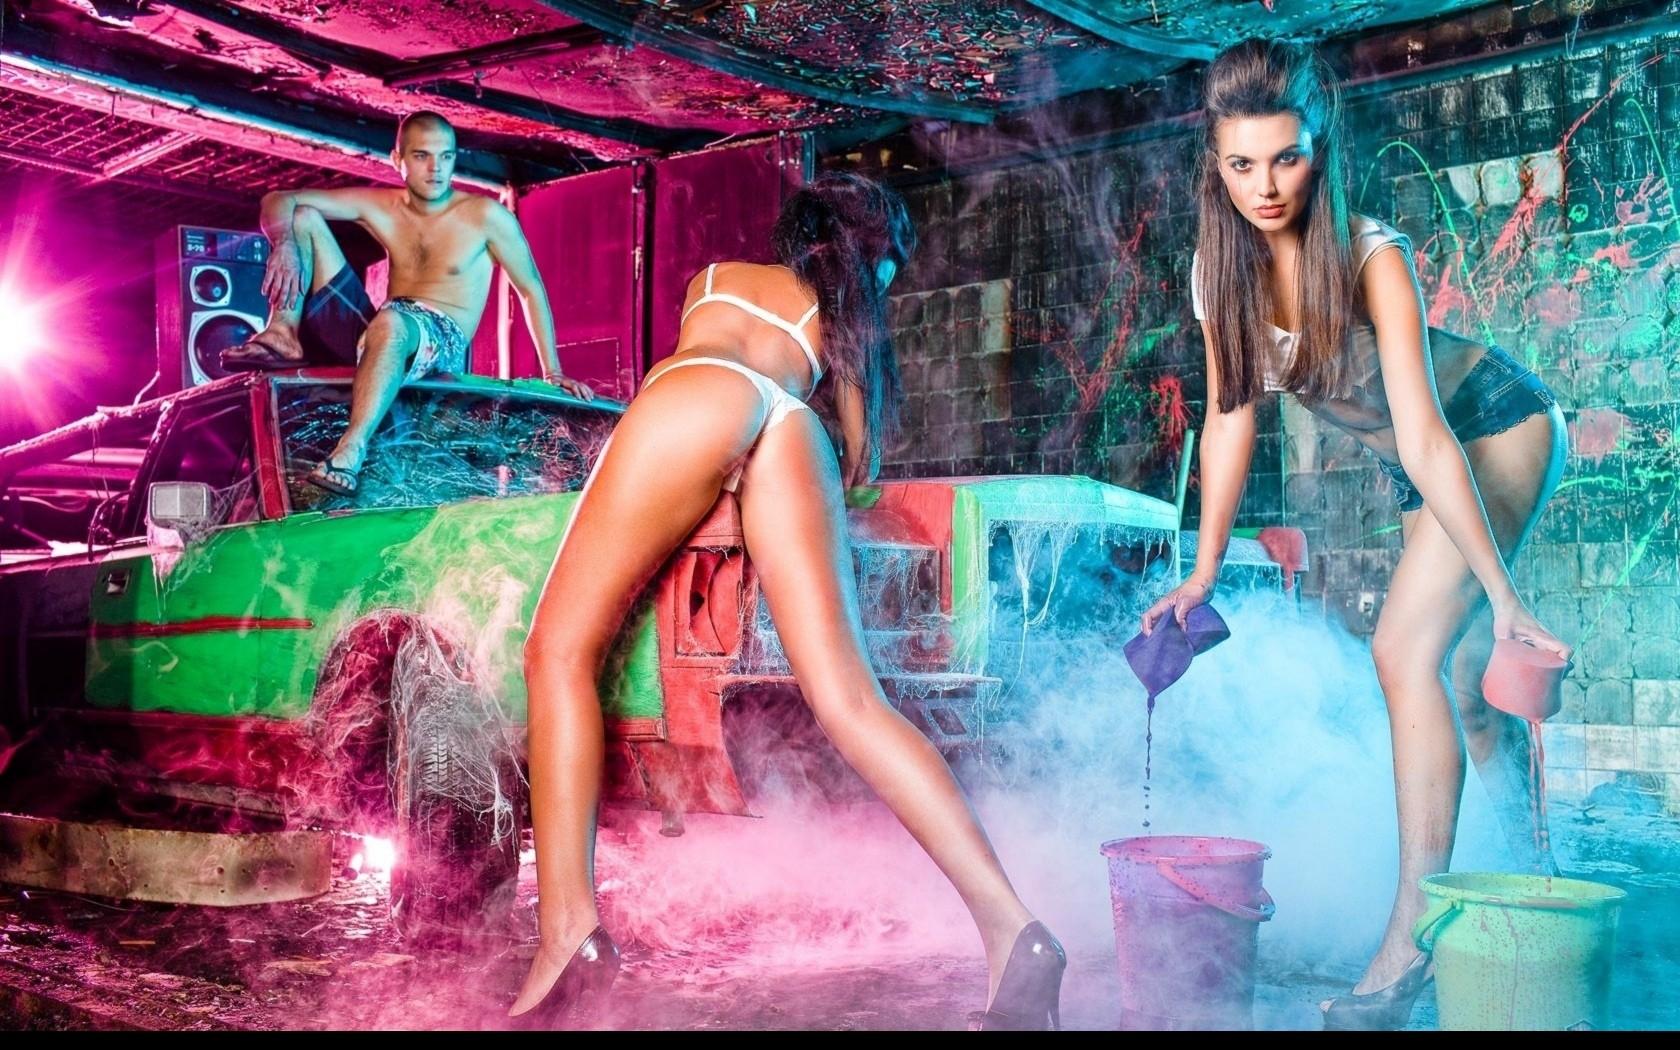 голая девушка в ночном клубе порно картинки